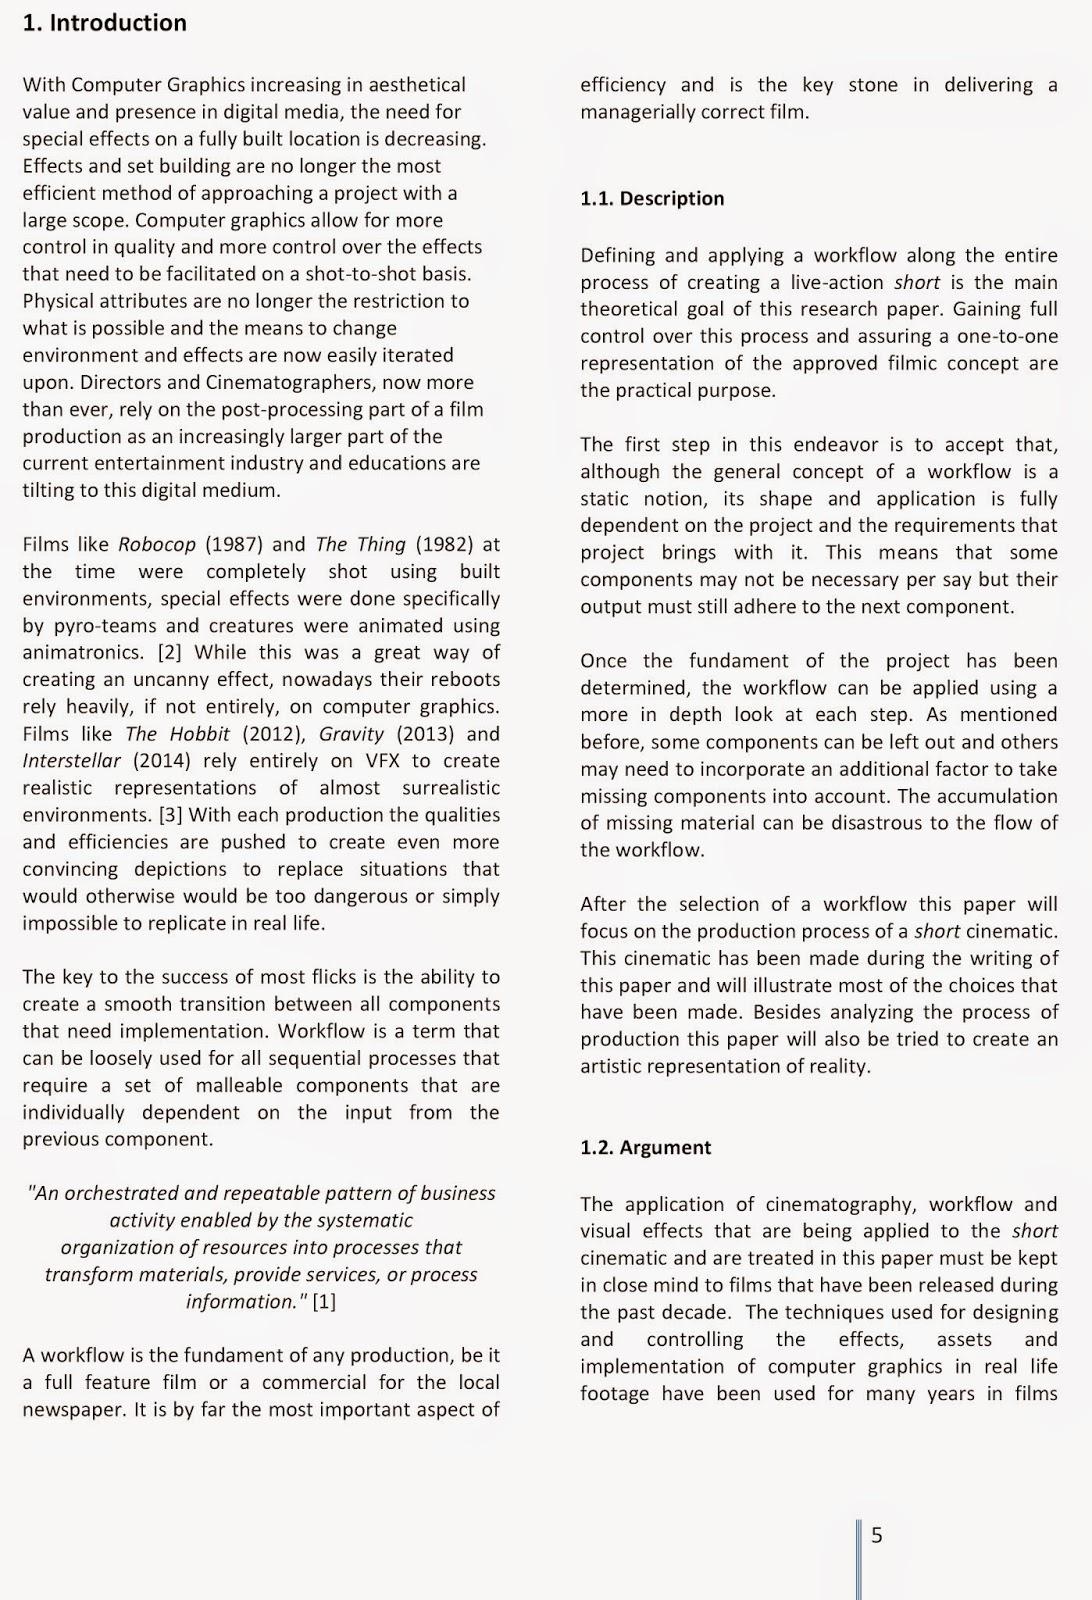 Dissertation chair request